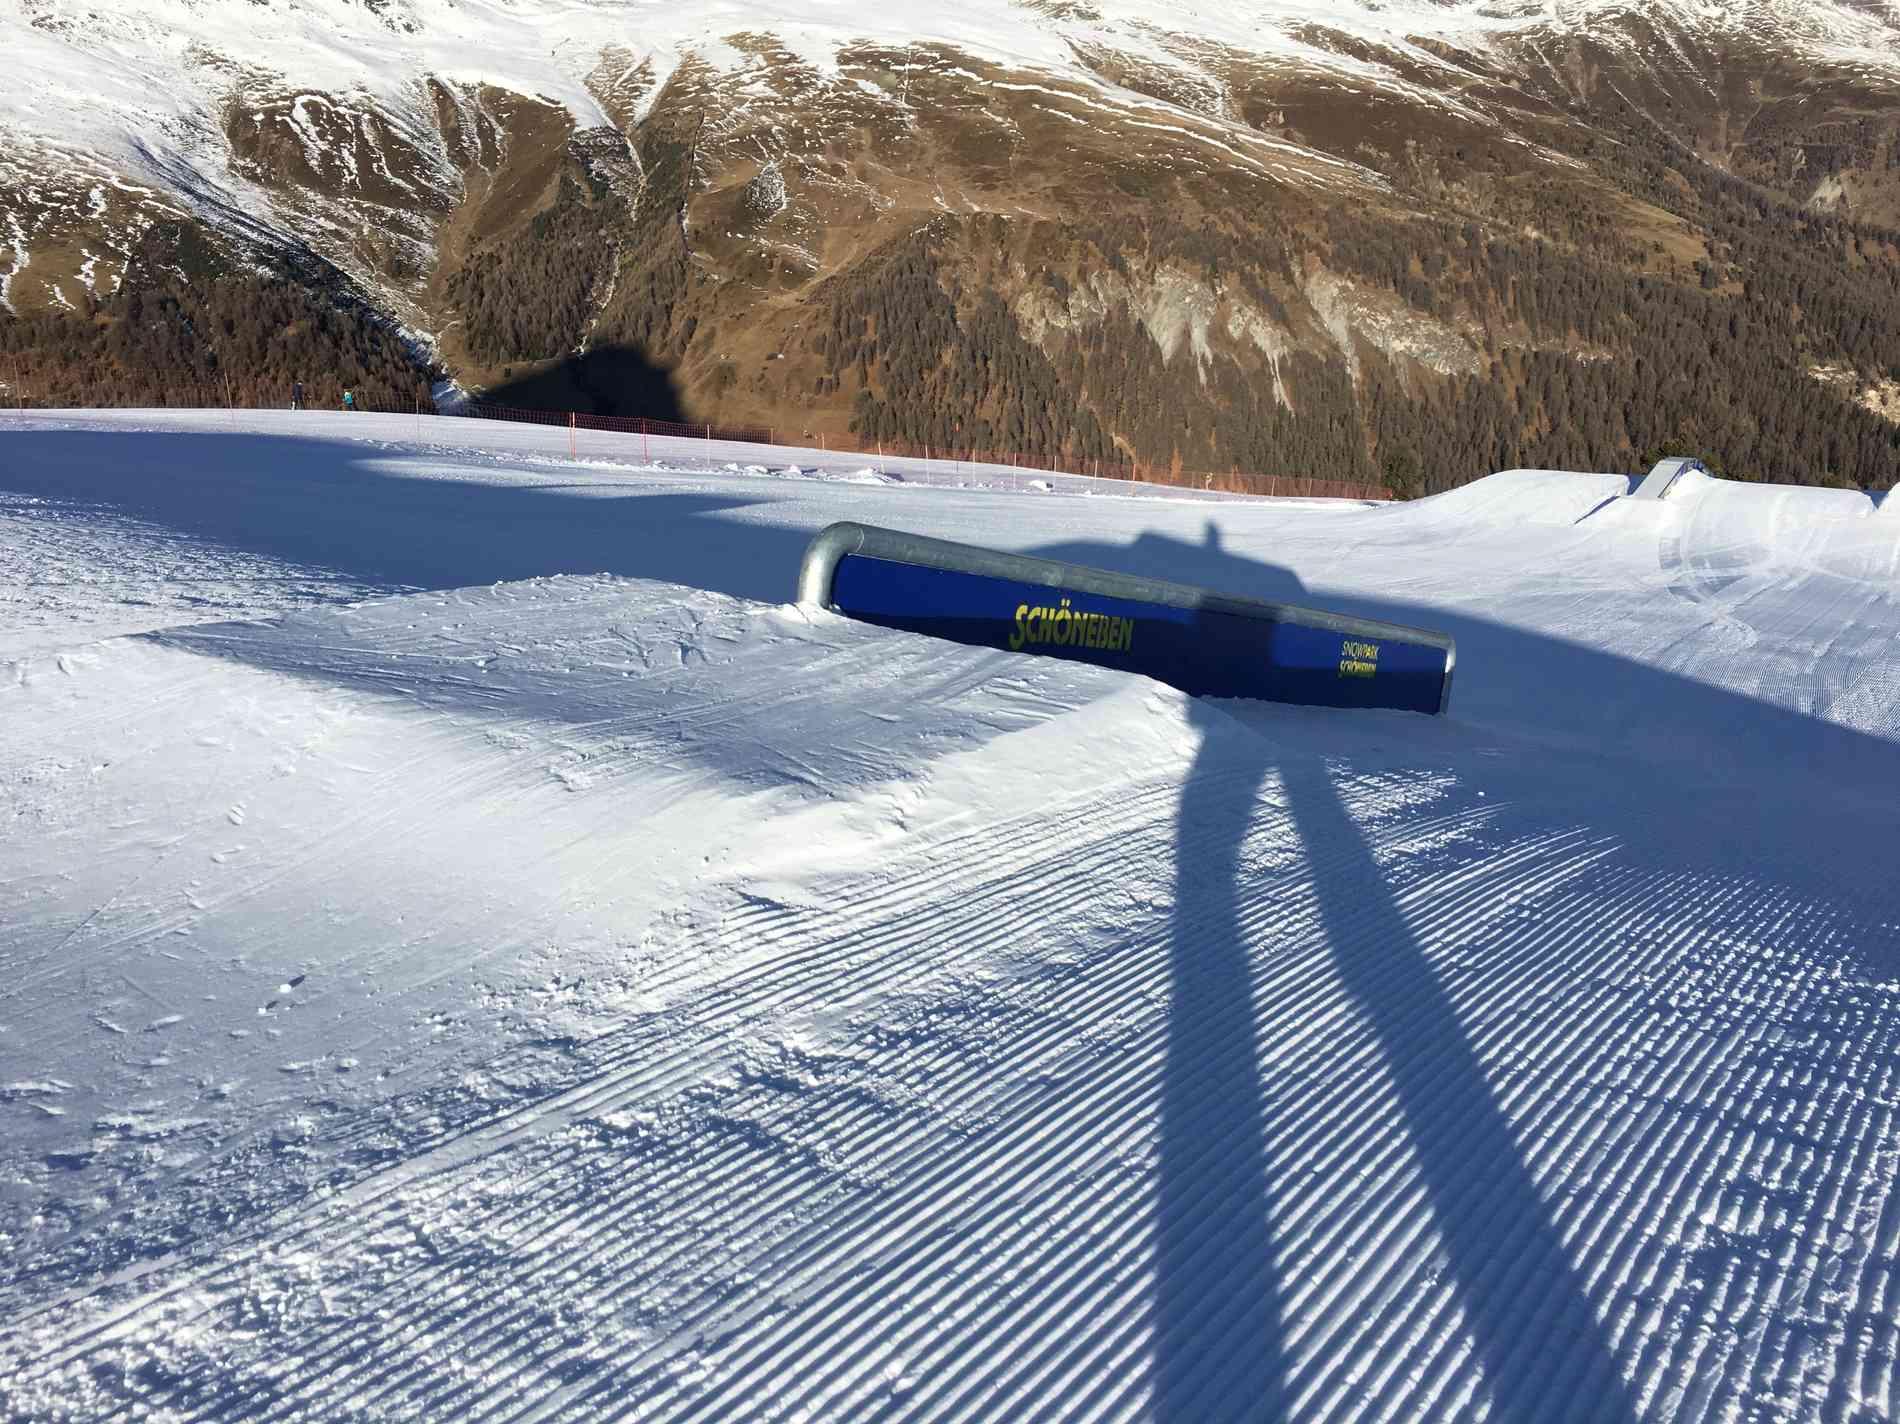 Snowpark Rail Down 8m